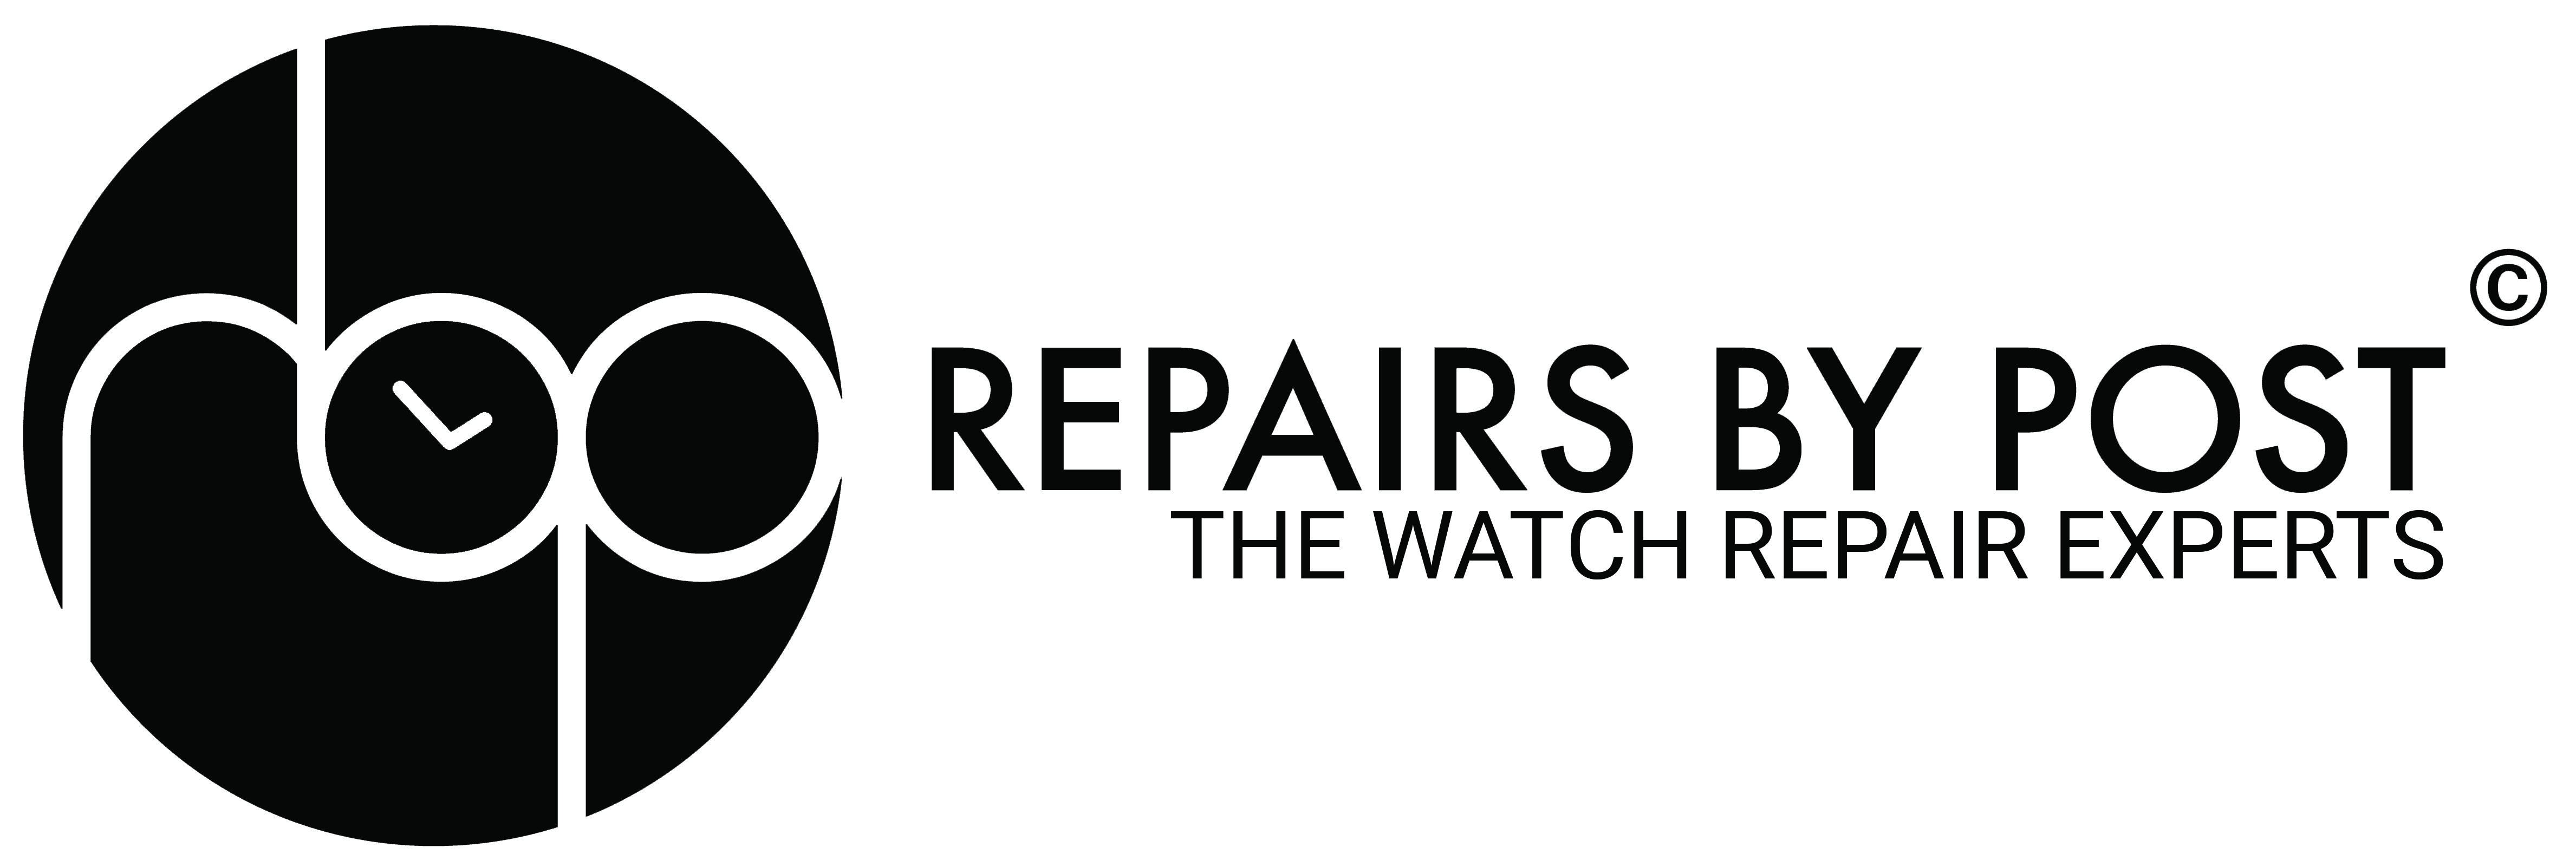 www.repairsbypost.com